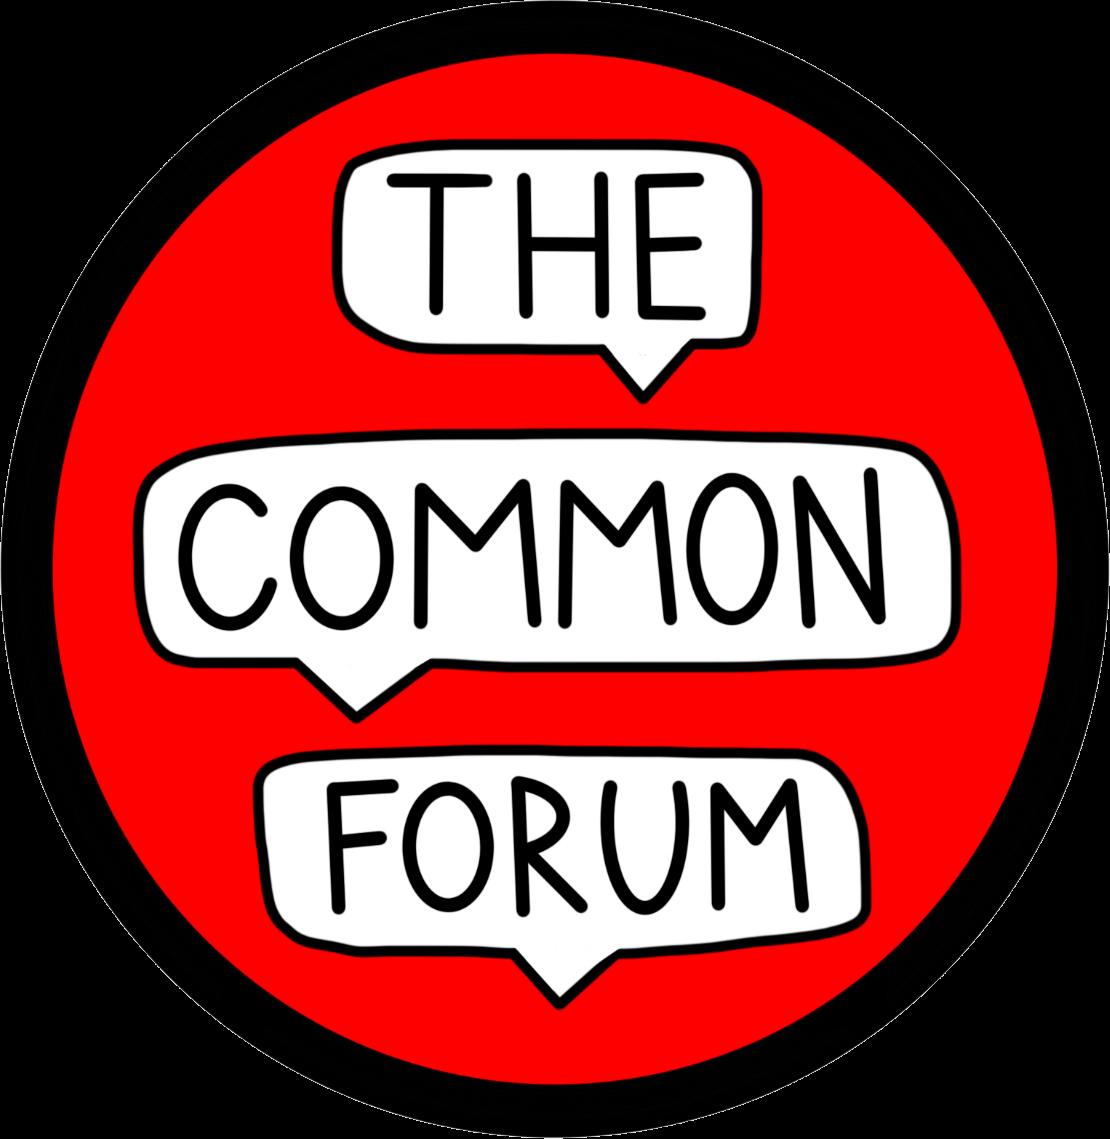 The Common Forum